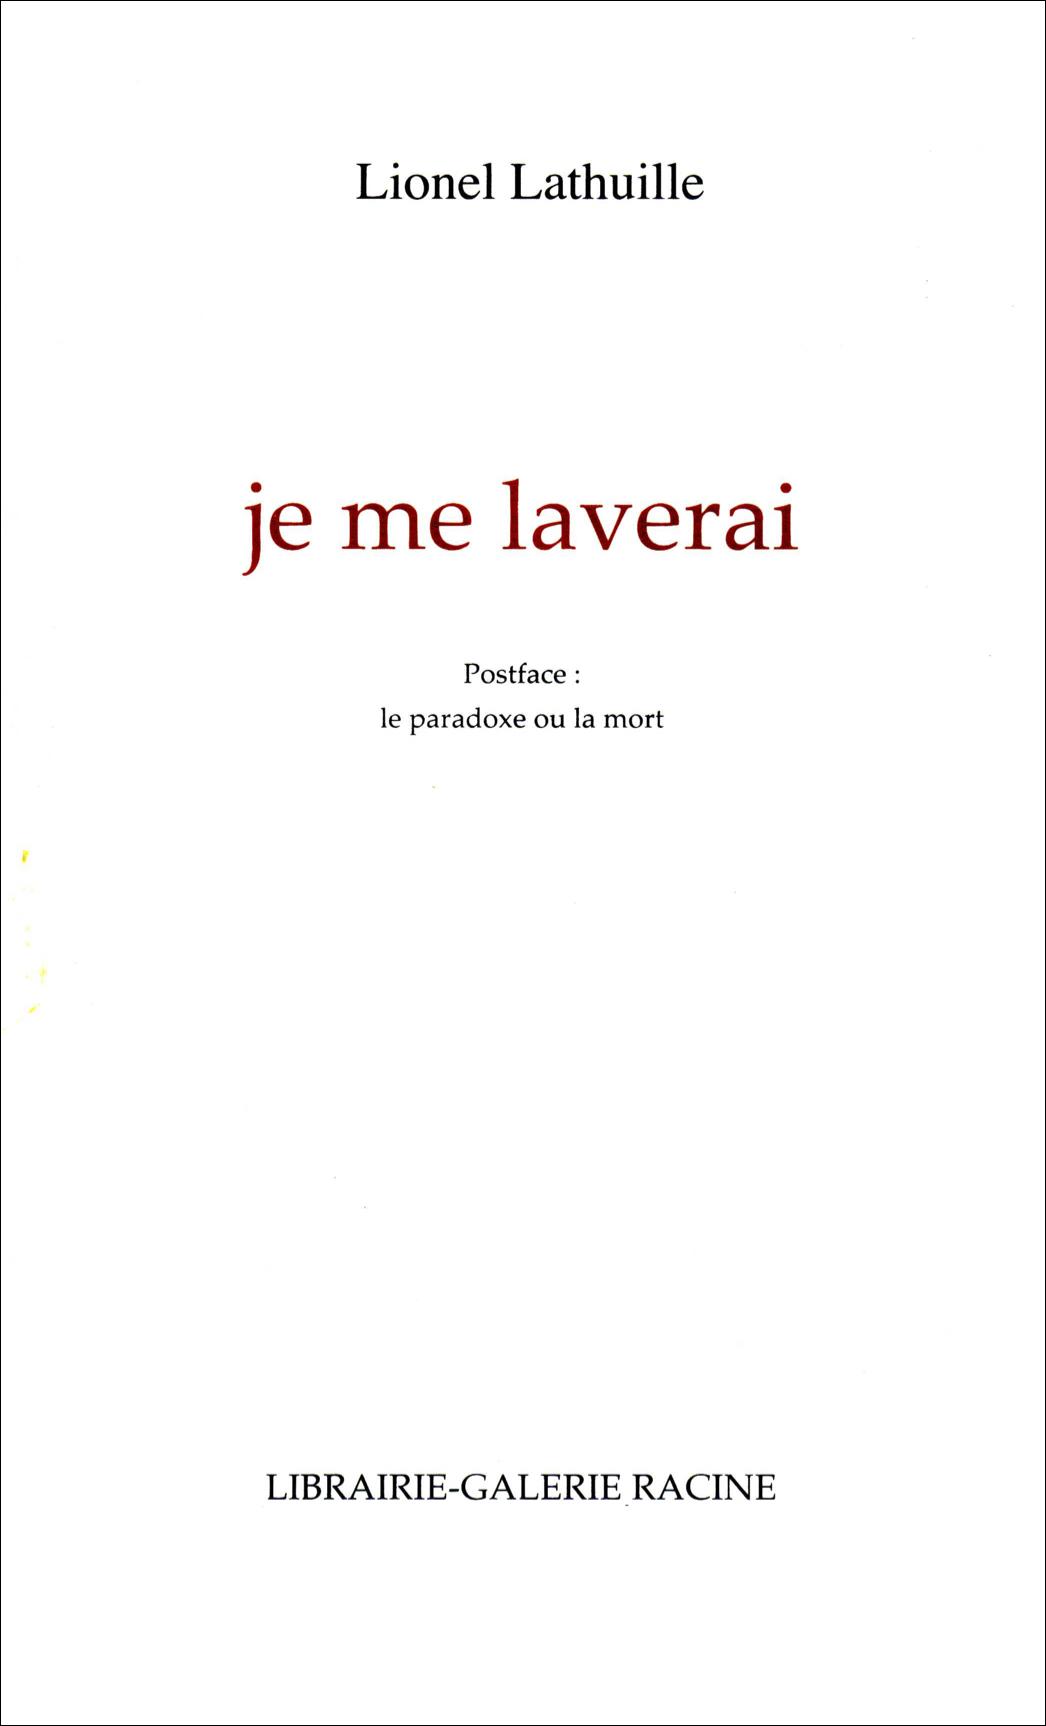 Lionel Lathuille - Je me laverai